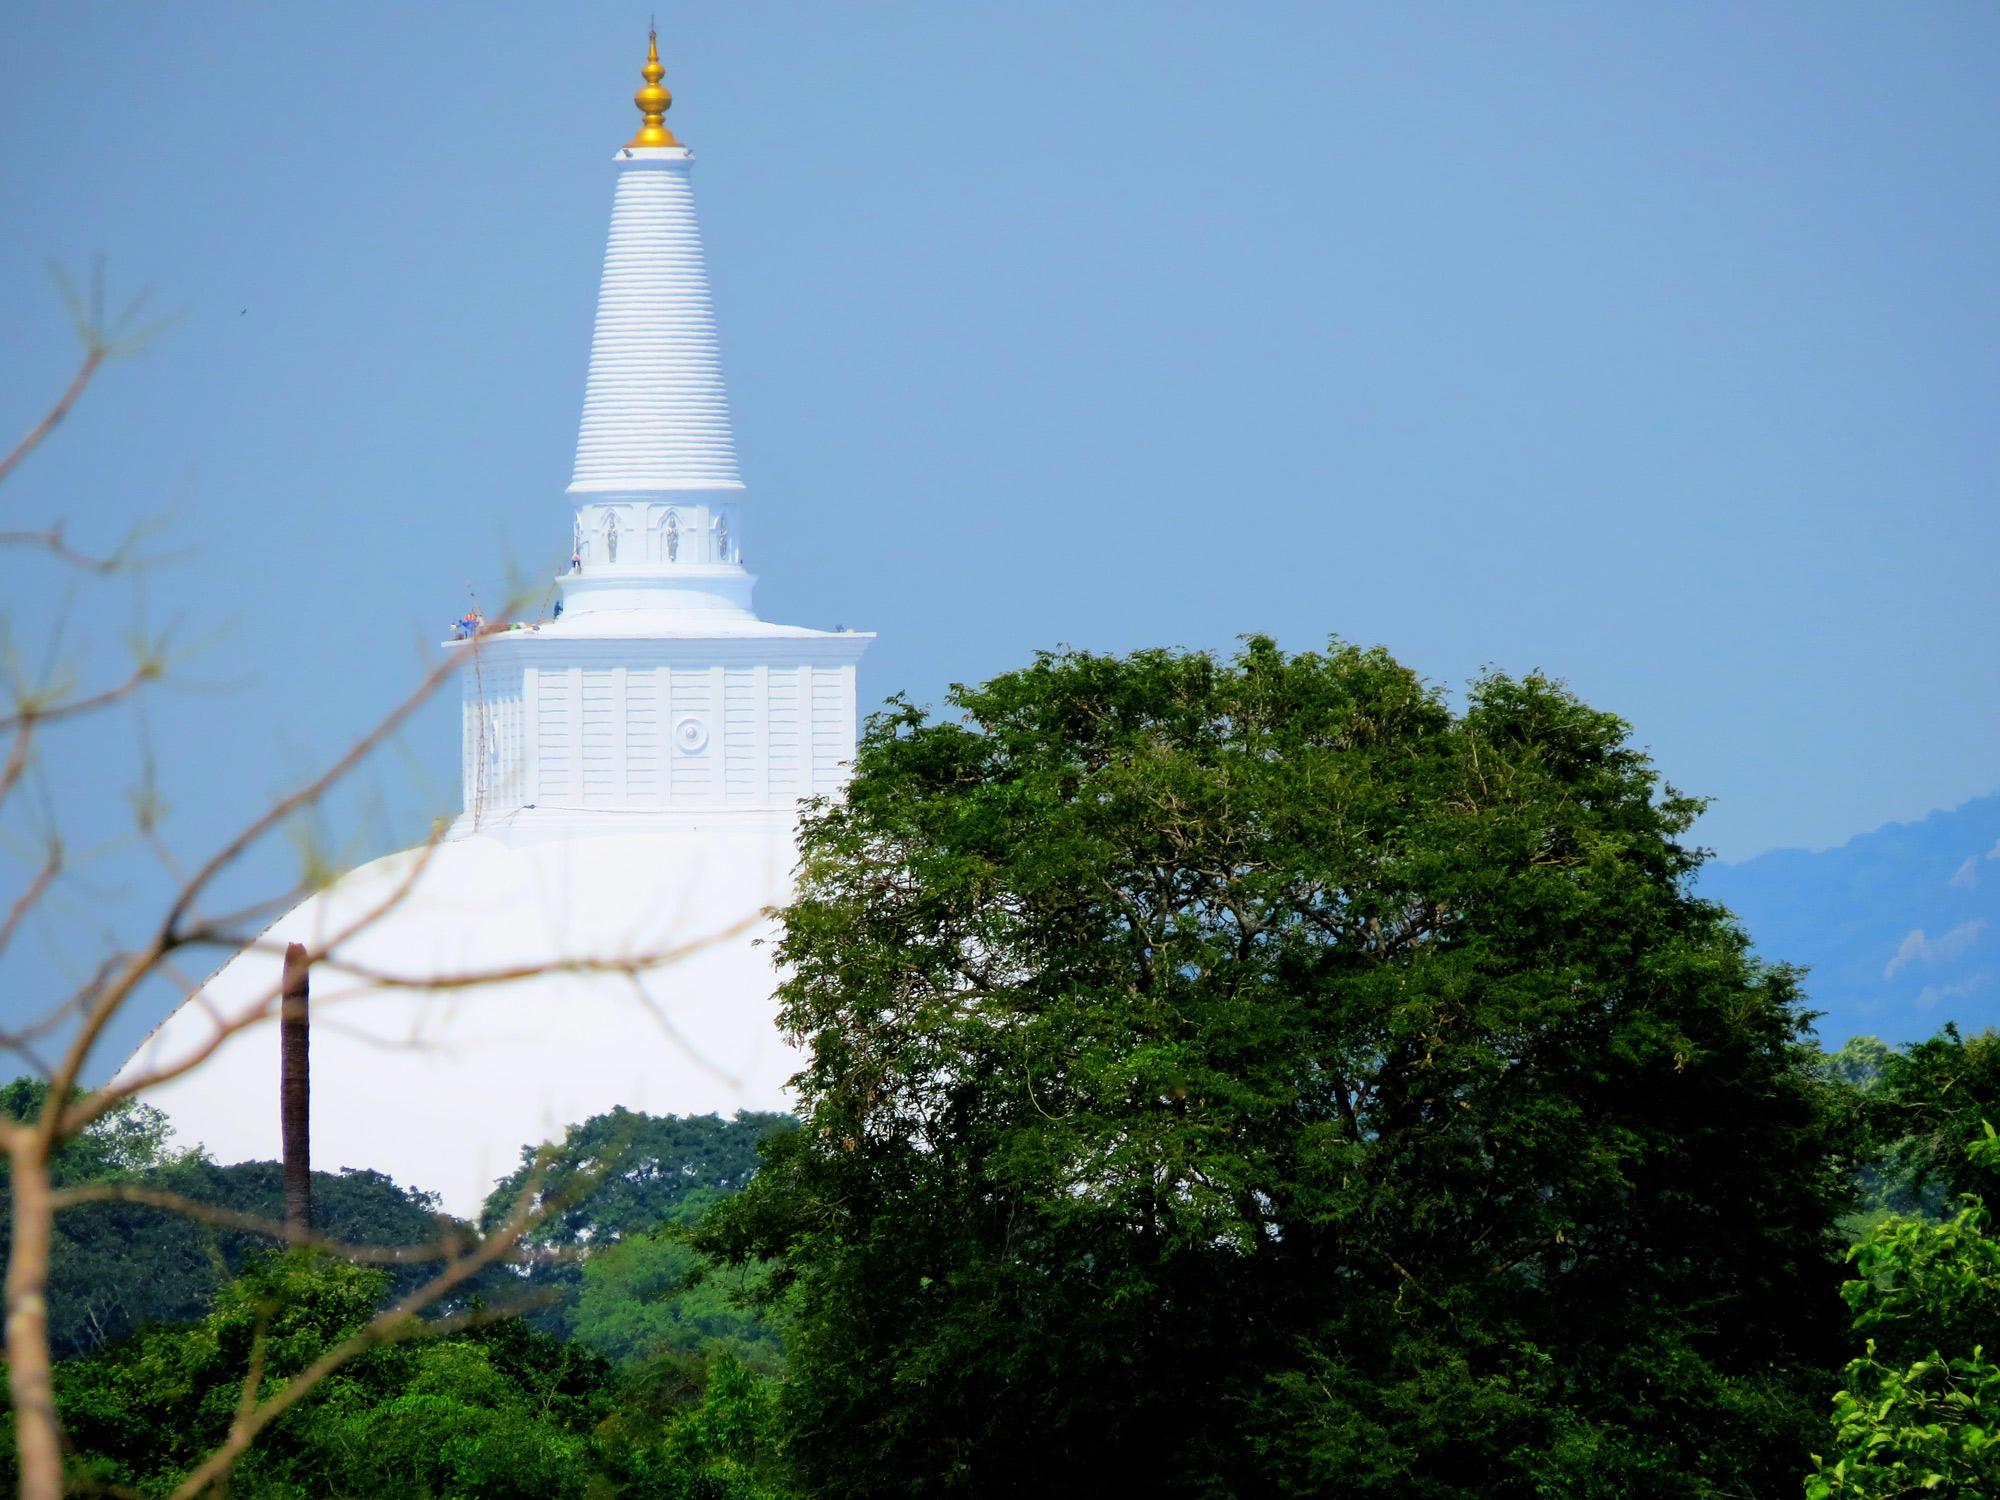 Ruwanwelisaya stupa at the city of Anuradhapura constructed in 1st century BCE